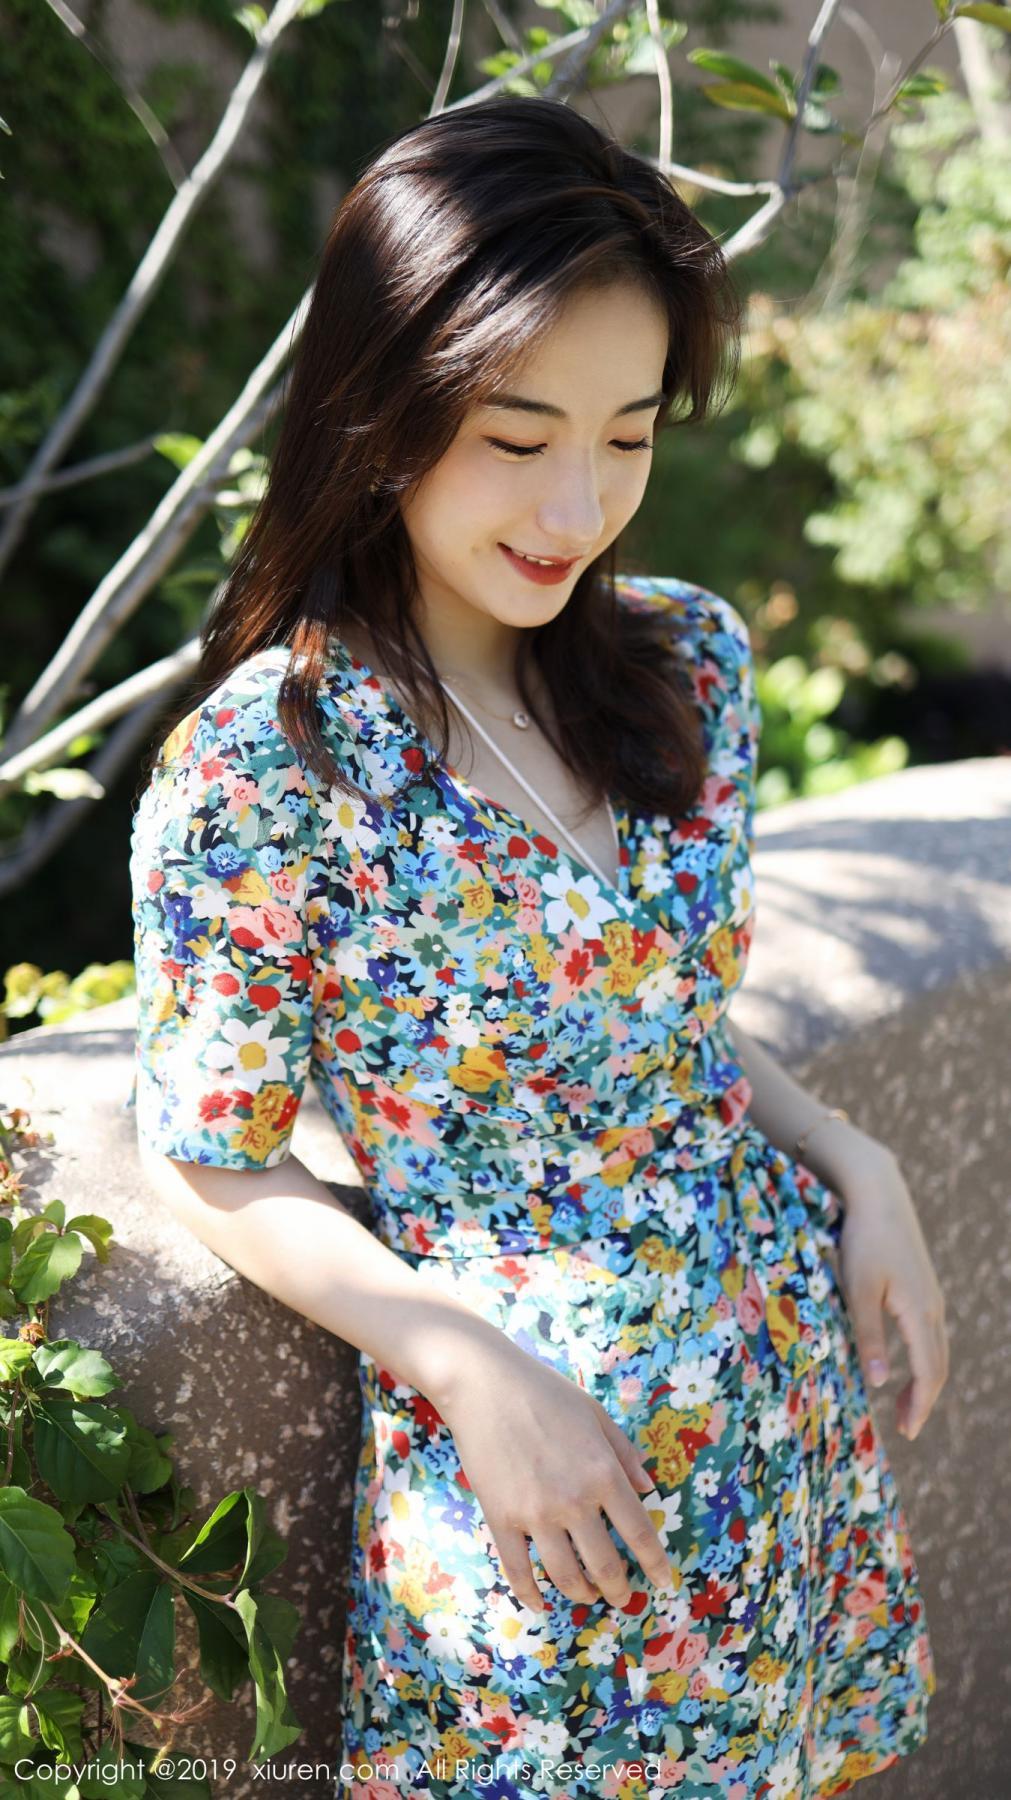 [XiuRen] Vol.1641 Gong Tian Yi 17P, Gong Tian Yi, Pretty, Temperament, Xiuren